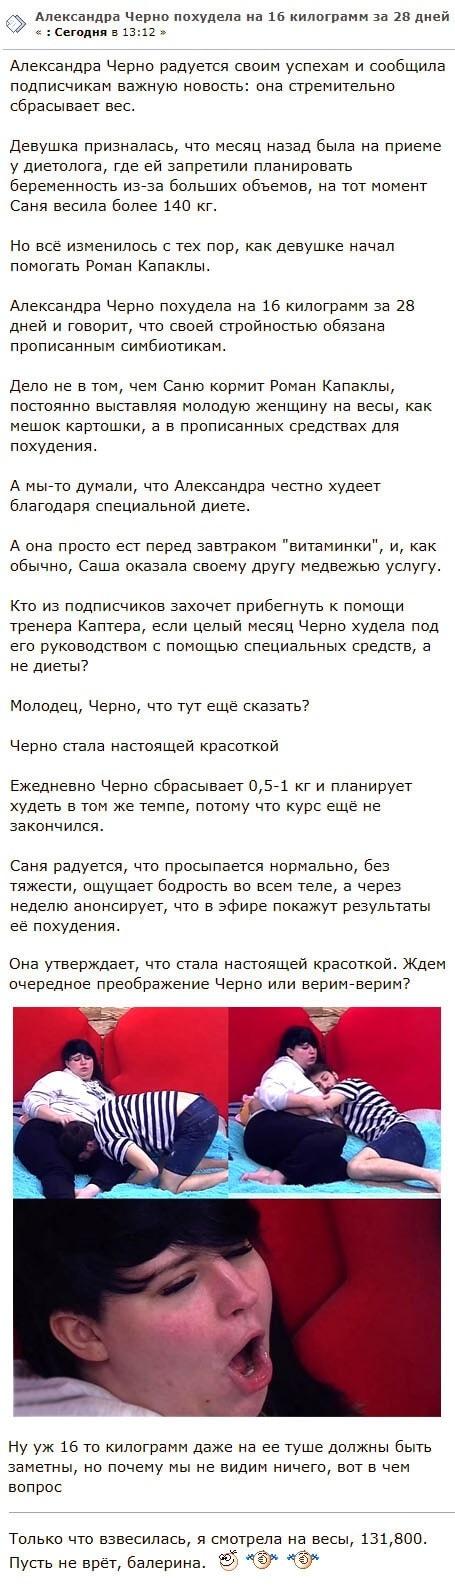 Александра Черно озвучила результат похудения за прошедший месяц